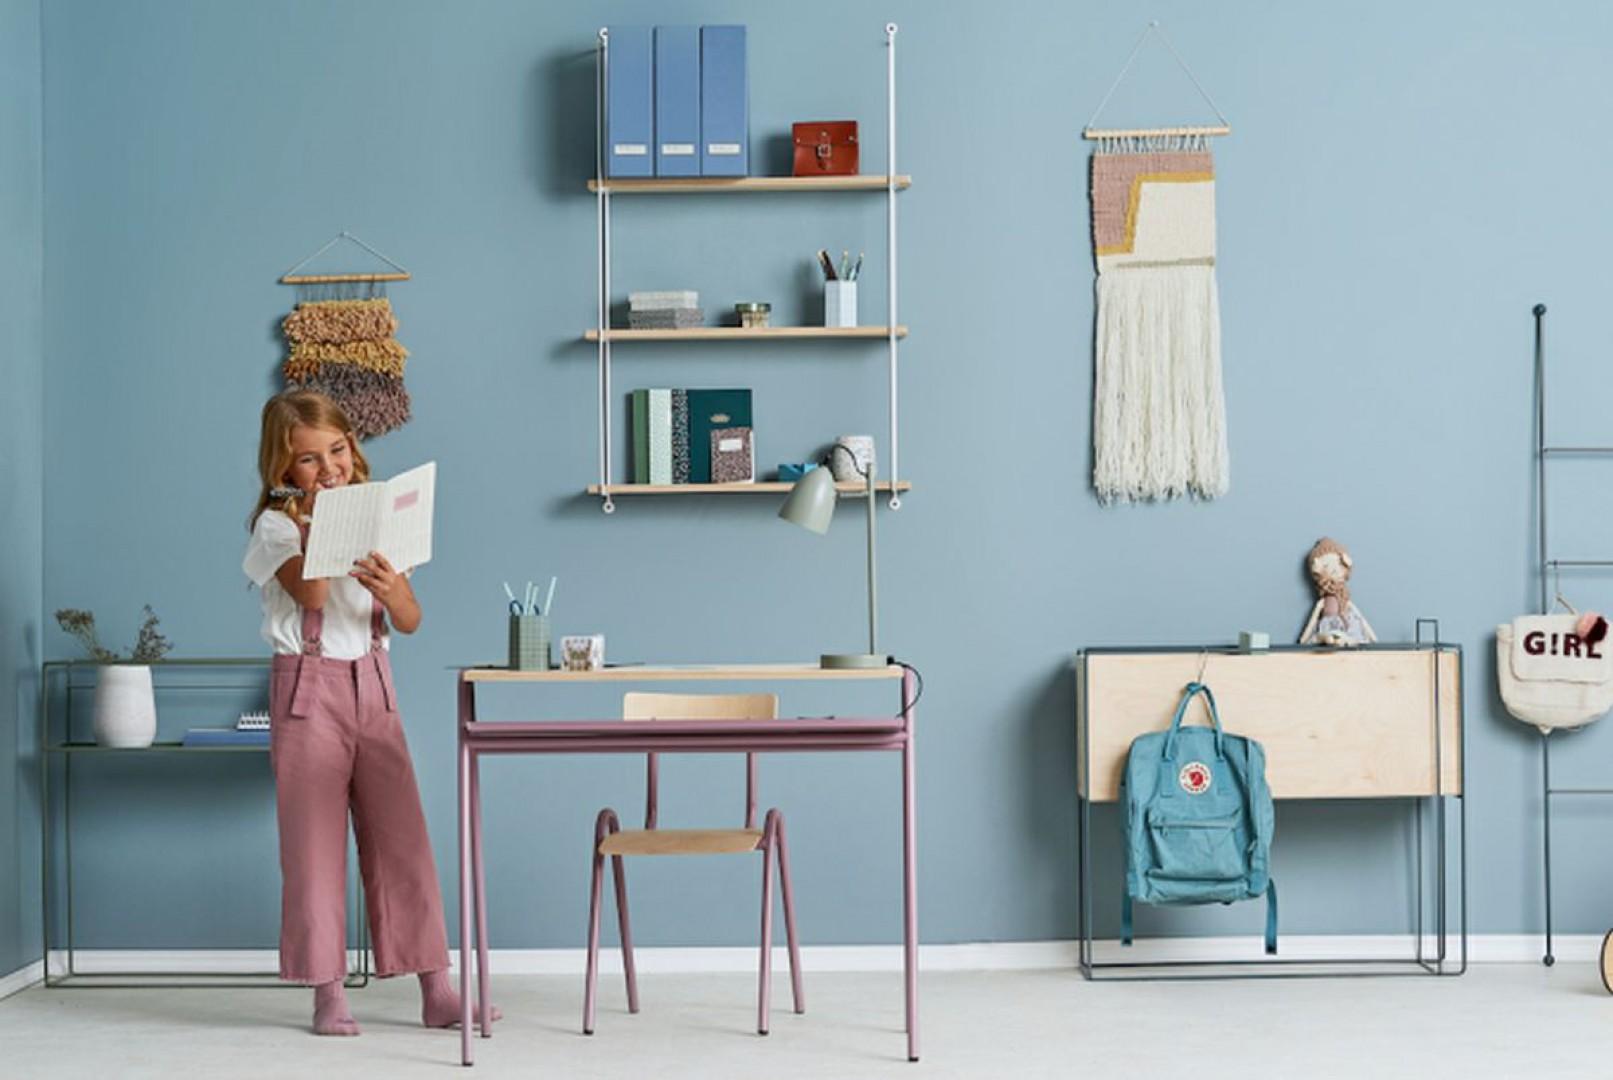 Kolekcja mebli wielofunkcyjnych firmy Belmam. Fot. Belmam